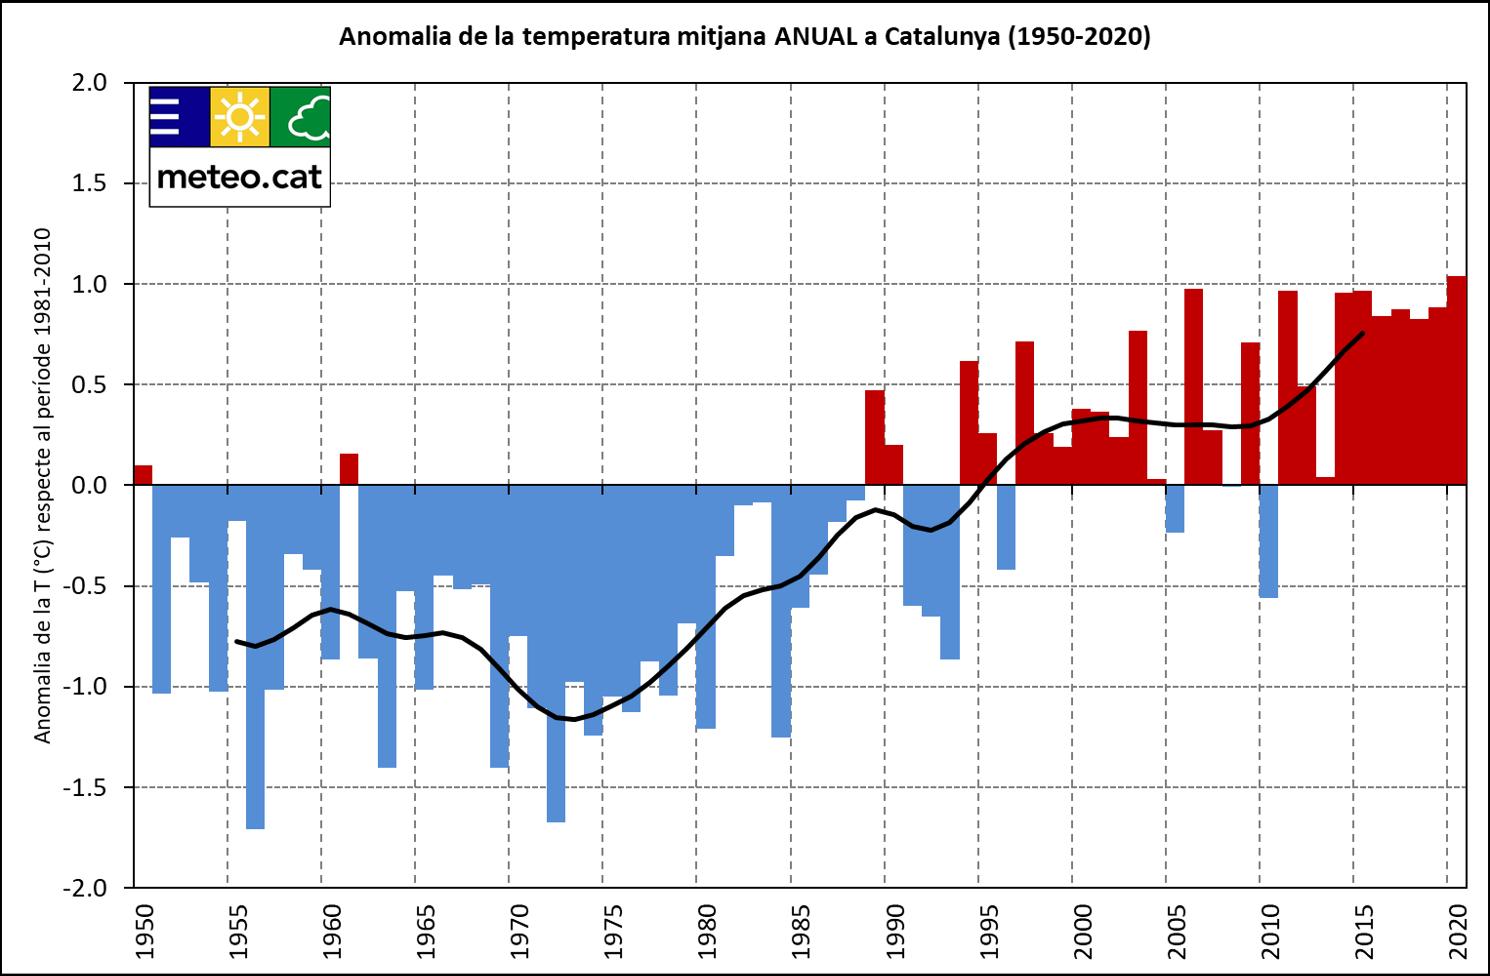 Gràfica de l'anomalia de la temperatura anual a Catalunya 1950-2020